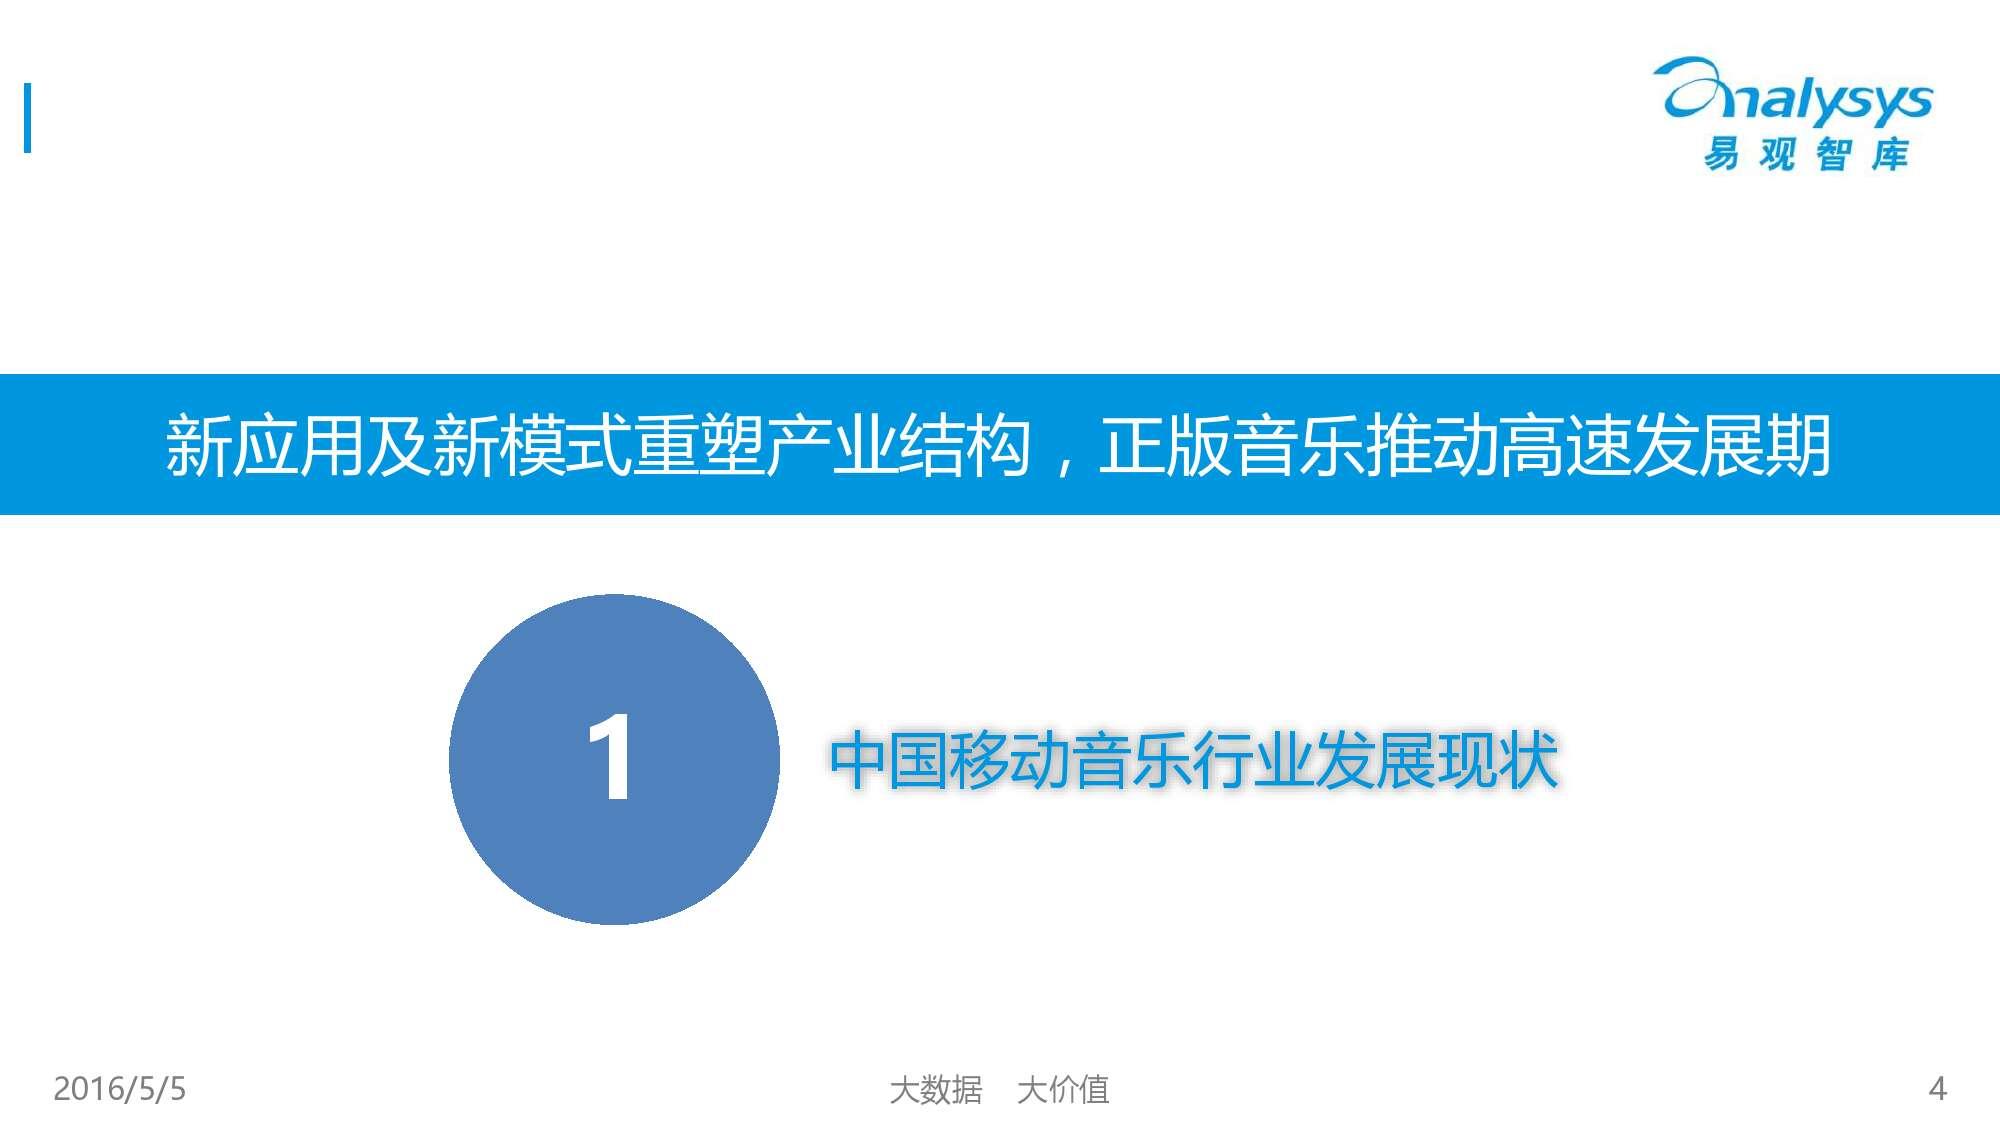 2016中国移动音乐市场年度综合报告_000004